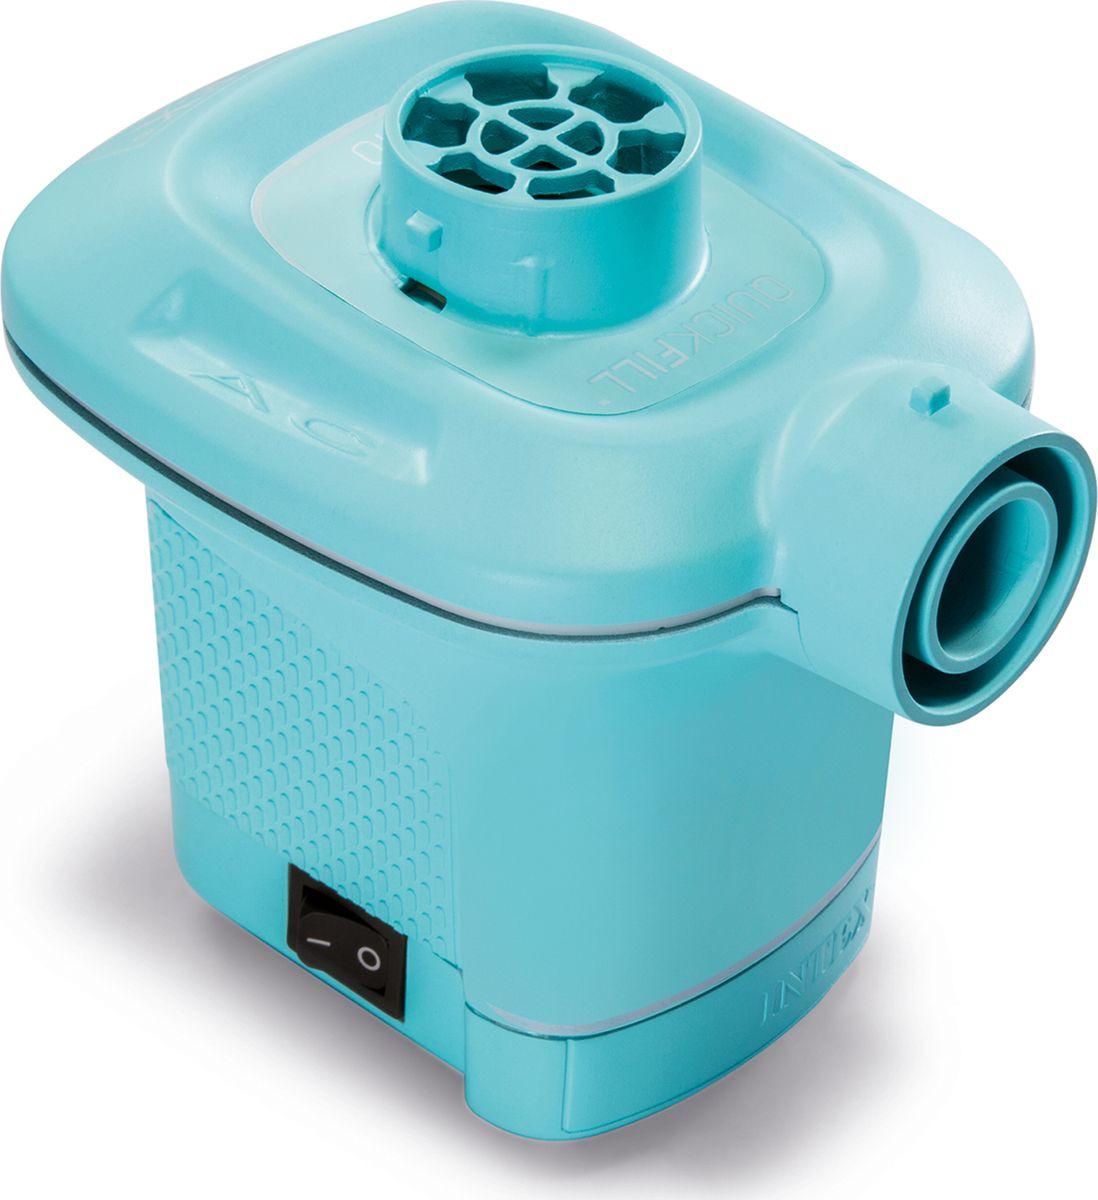 Насос электрический для бассейна Intex, с 3 насадками, с58640, голубой, 220V насос юнипамп эко 3